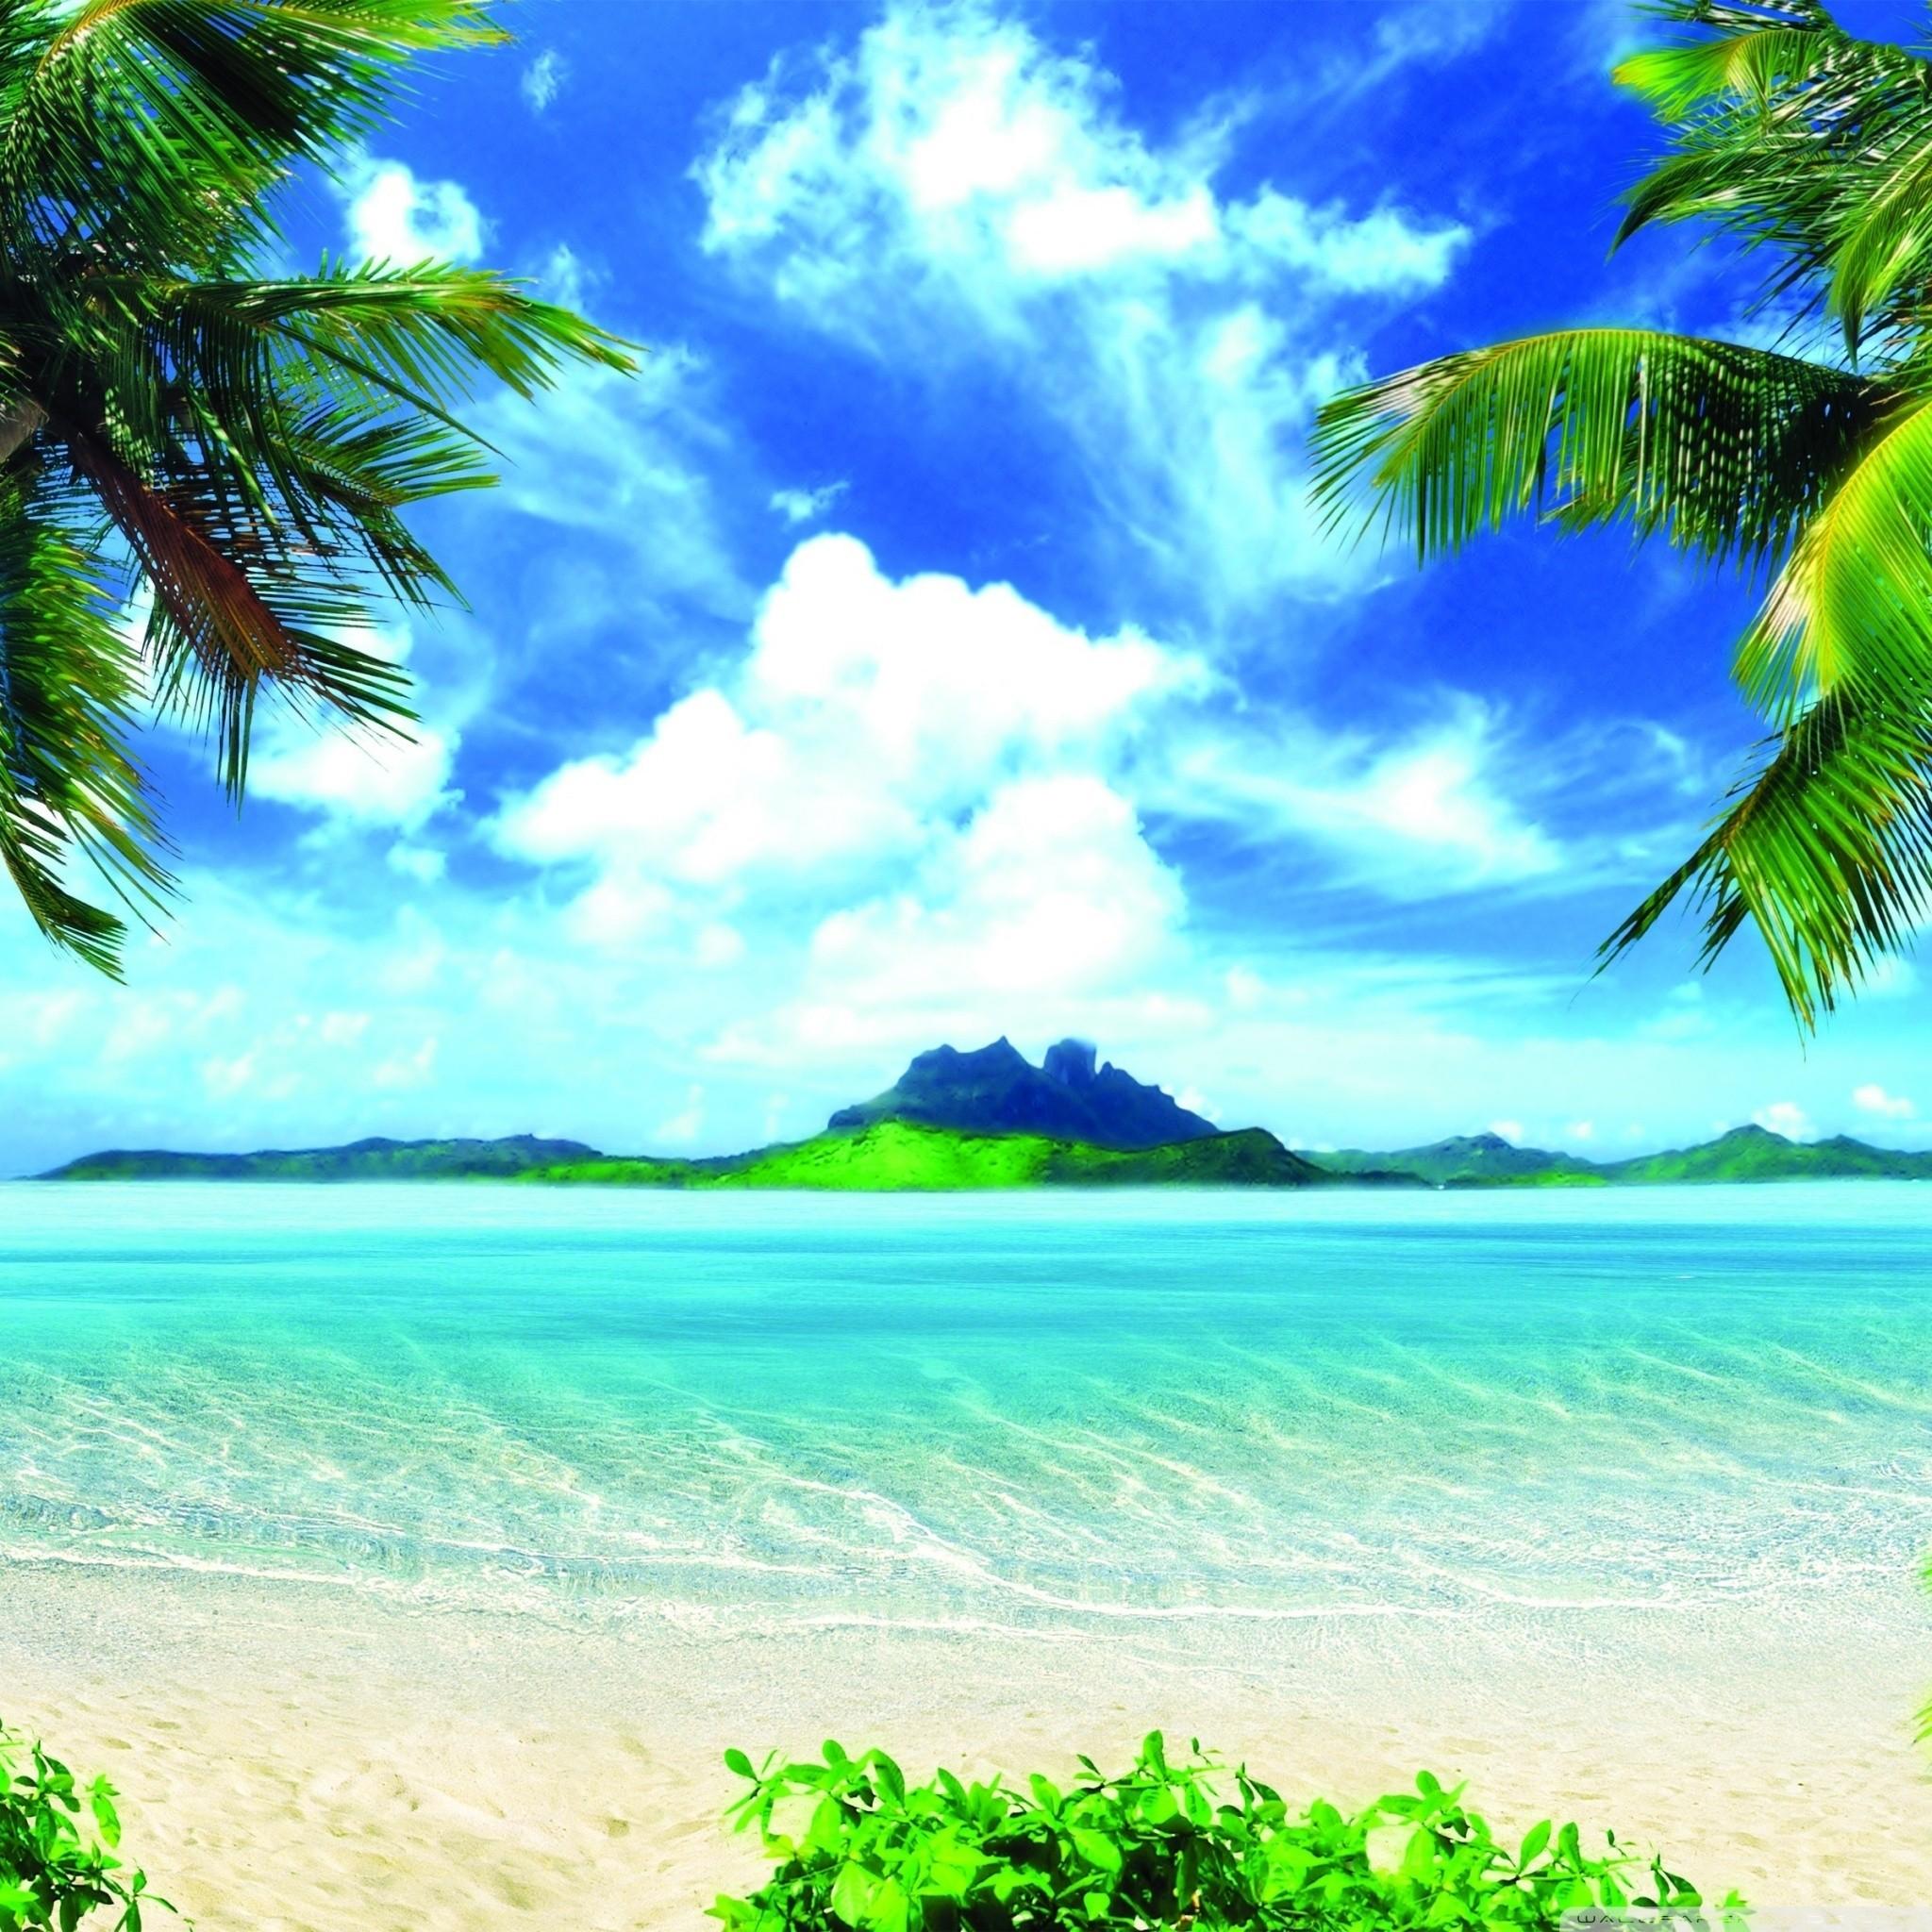 Summer Wallpaper HD Widescreen